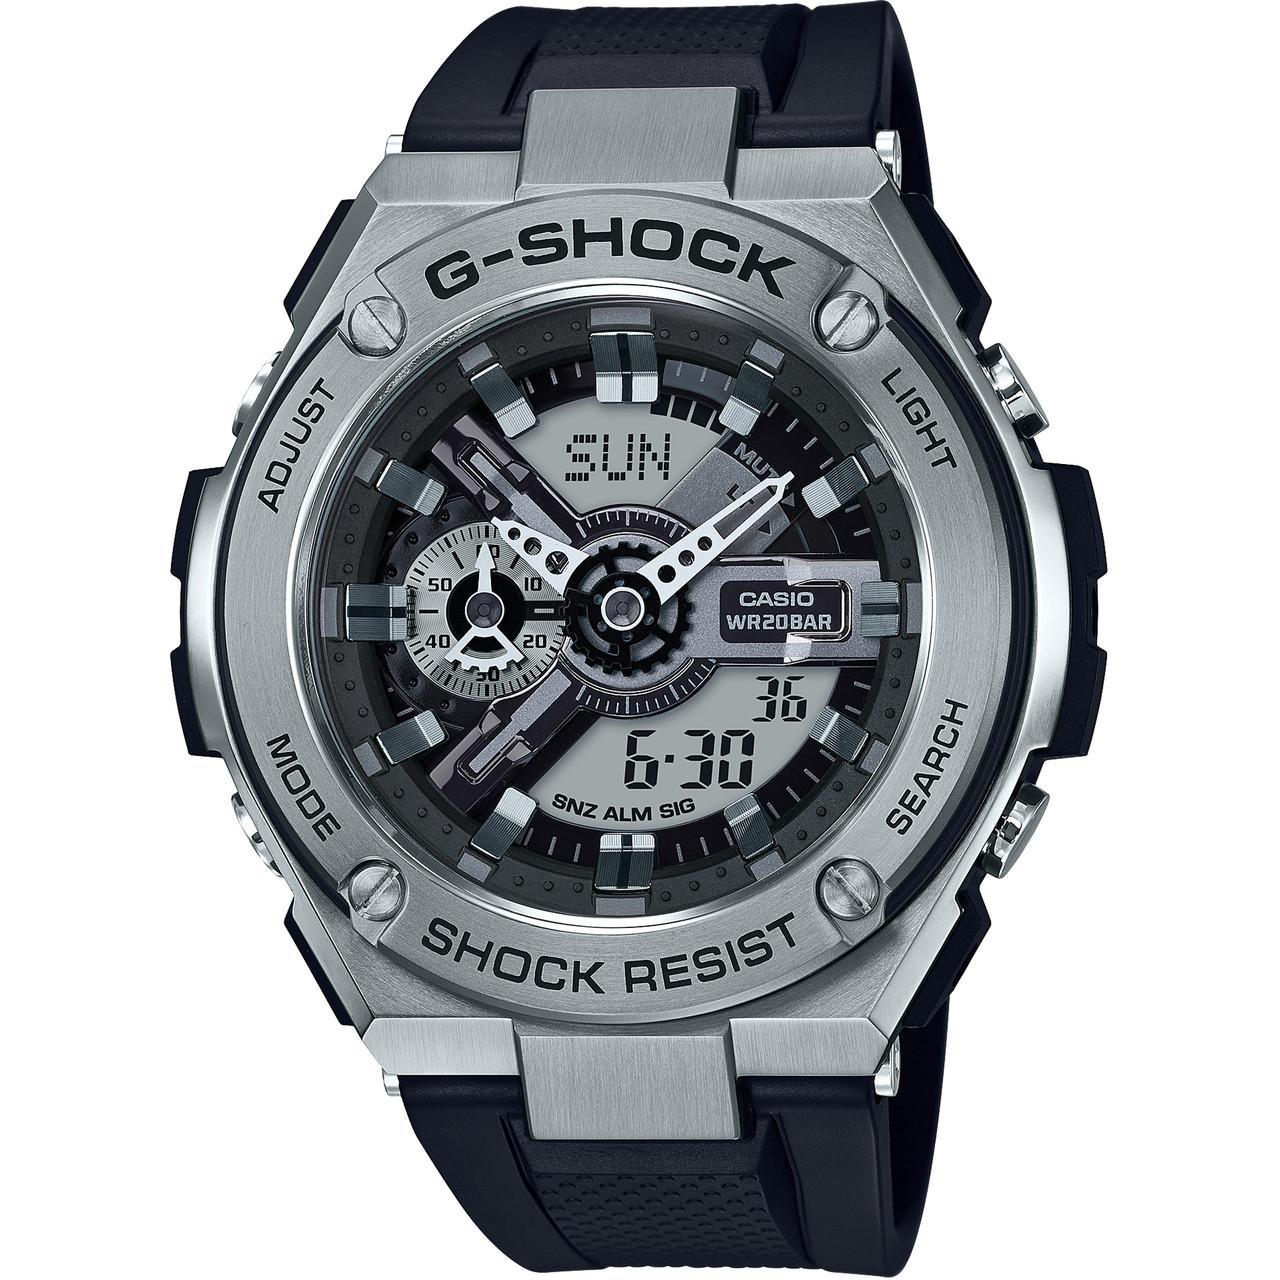 acheter en ligne c5300 932e3 G-Shock Montre à bracelet en résine noire G-Steel GST-410-1AER